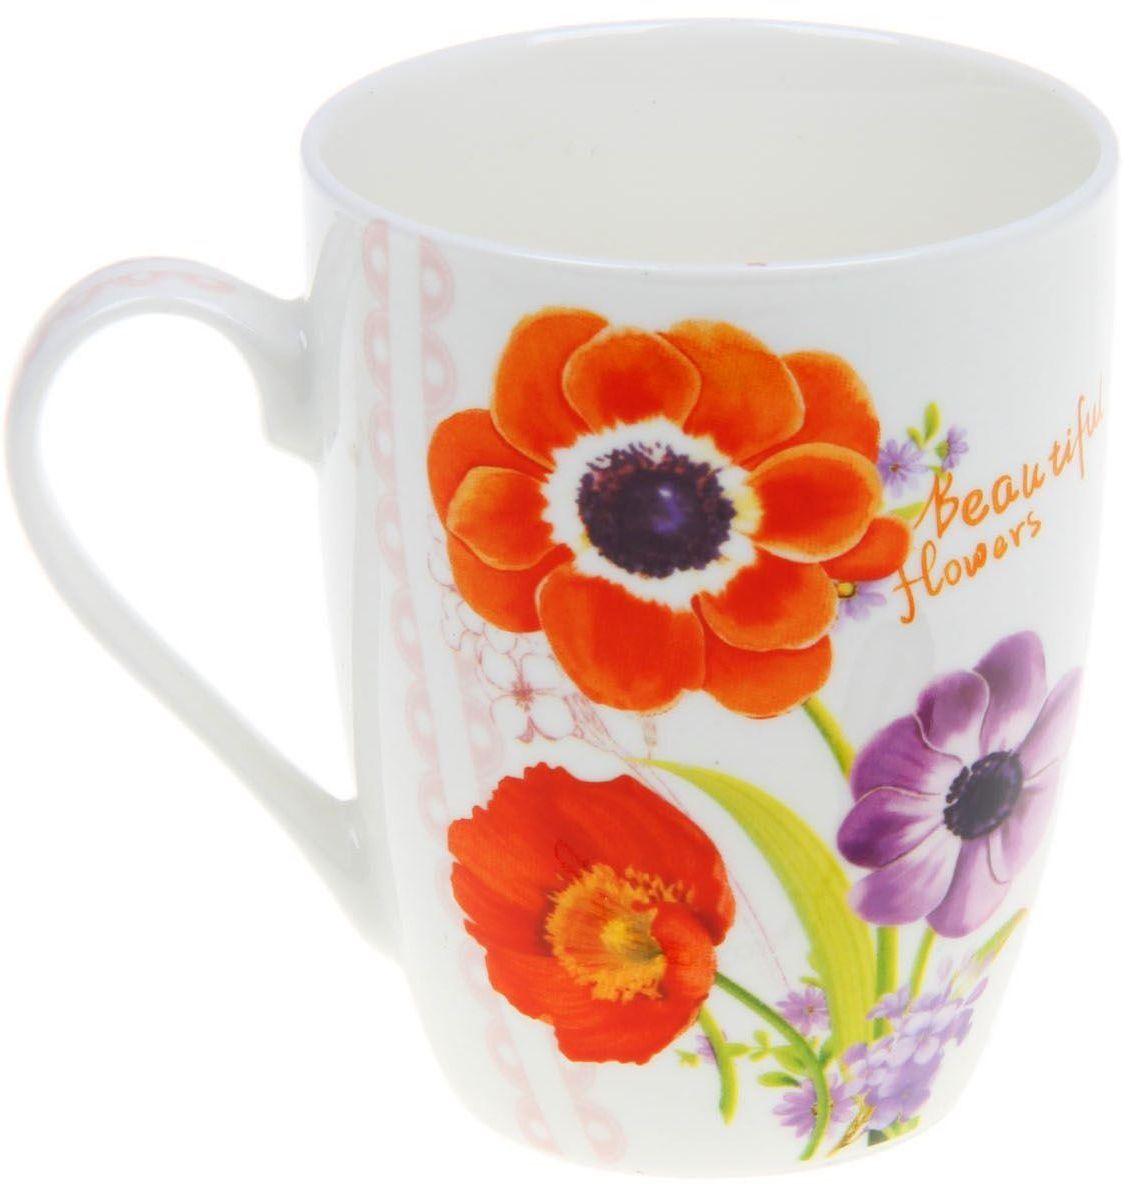 Кружка Доляна Мираж цветов, 300 мл103078Кружка Доляна Мираж цветов изготовлена из керамики. Она украшена оригинальным цветочным рисунком.Кружка станет отличным подарком для родных и близких. Это любимый аксессуар на долгие годы. Относитесь к изделию бережно, и оно будет дарить прекрасное настроение каждый день.